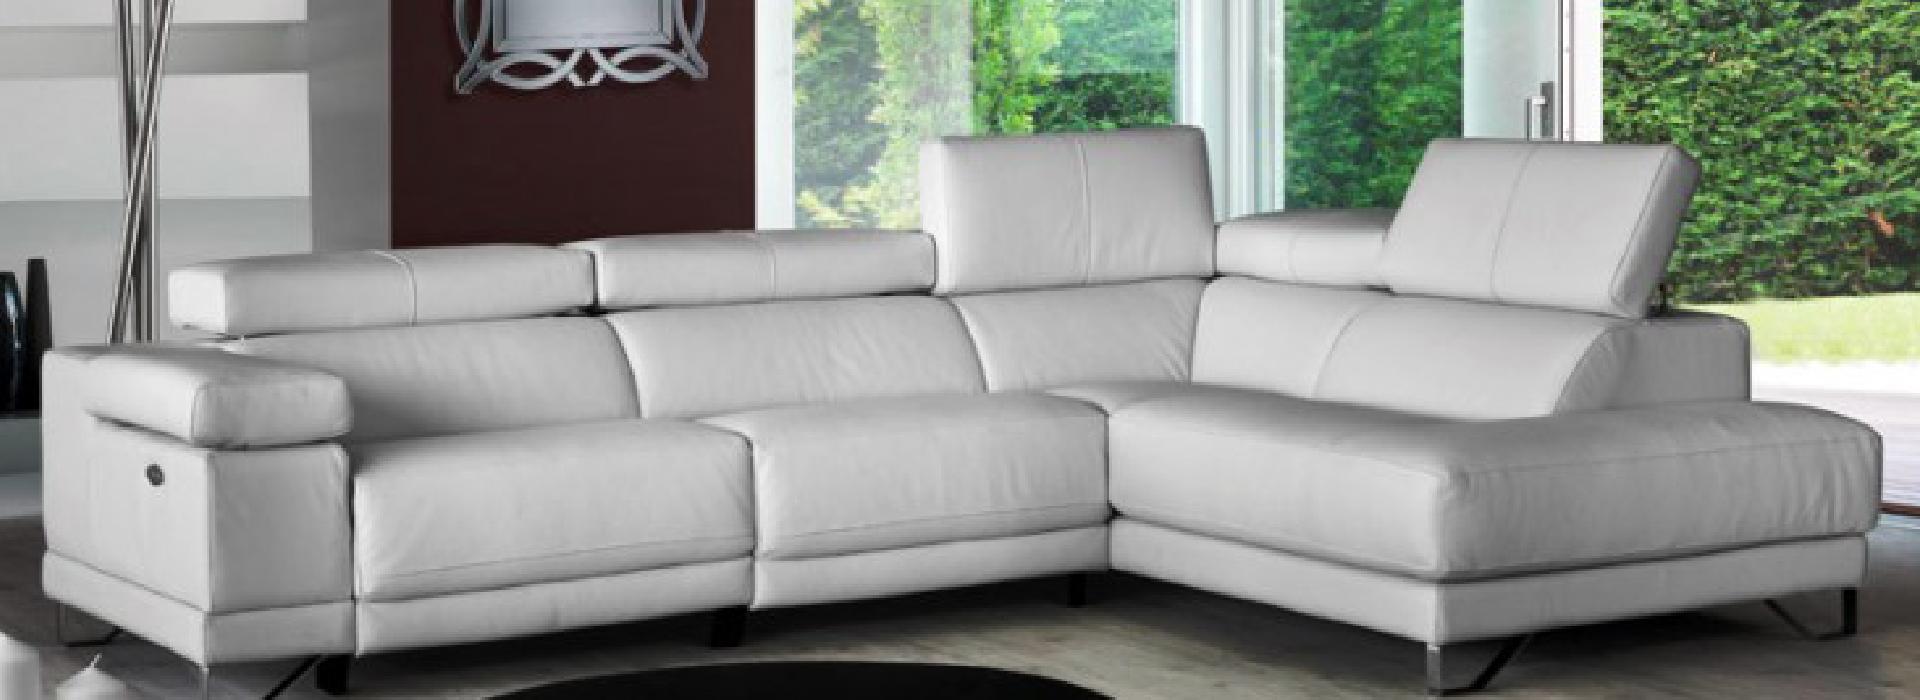 cómo hidratar un sofá de piel blanco